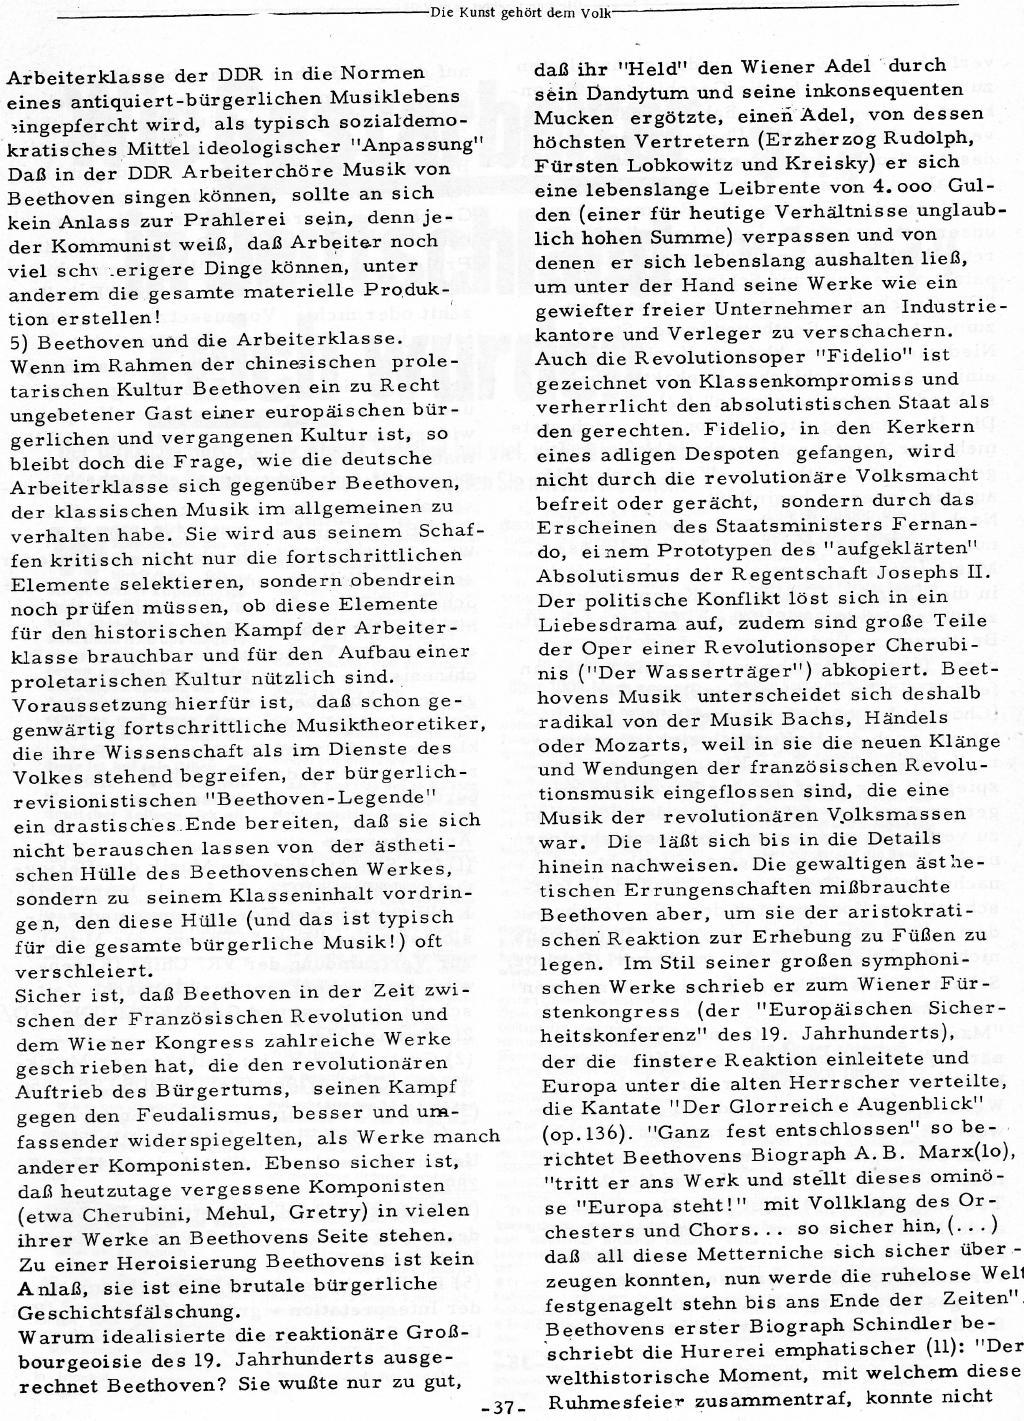 RPK_1974_09_10_37